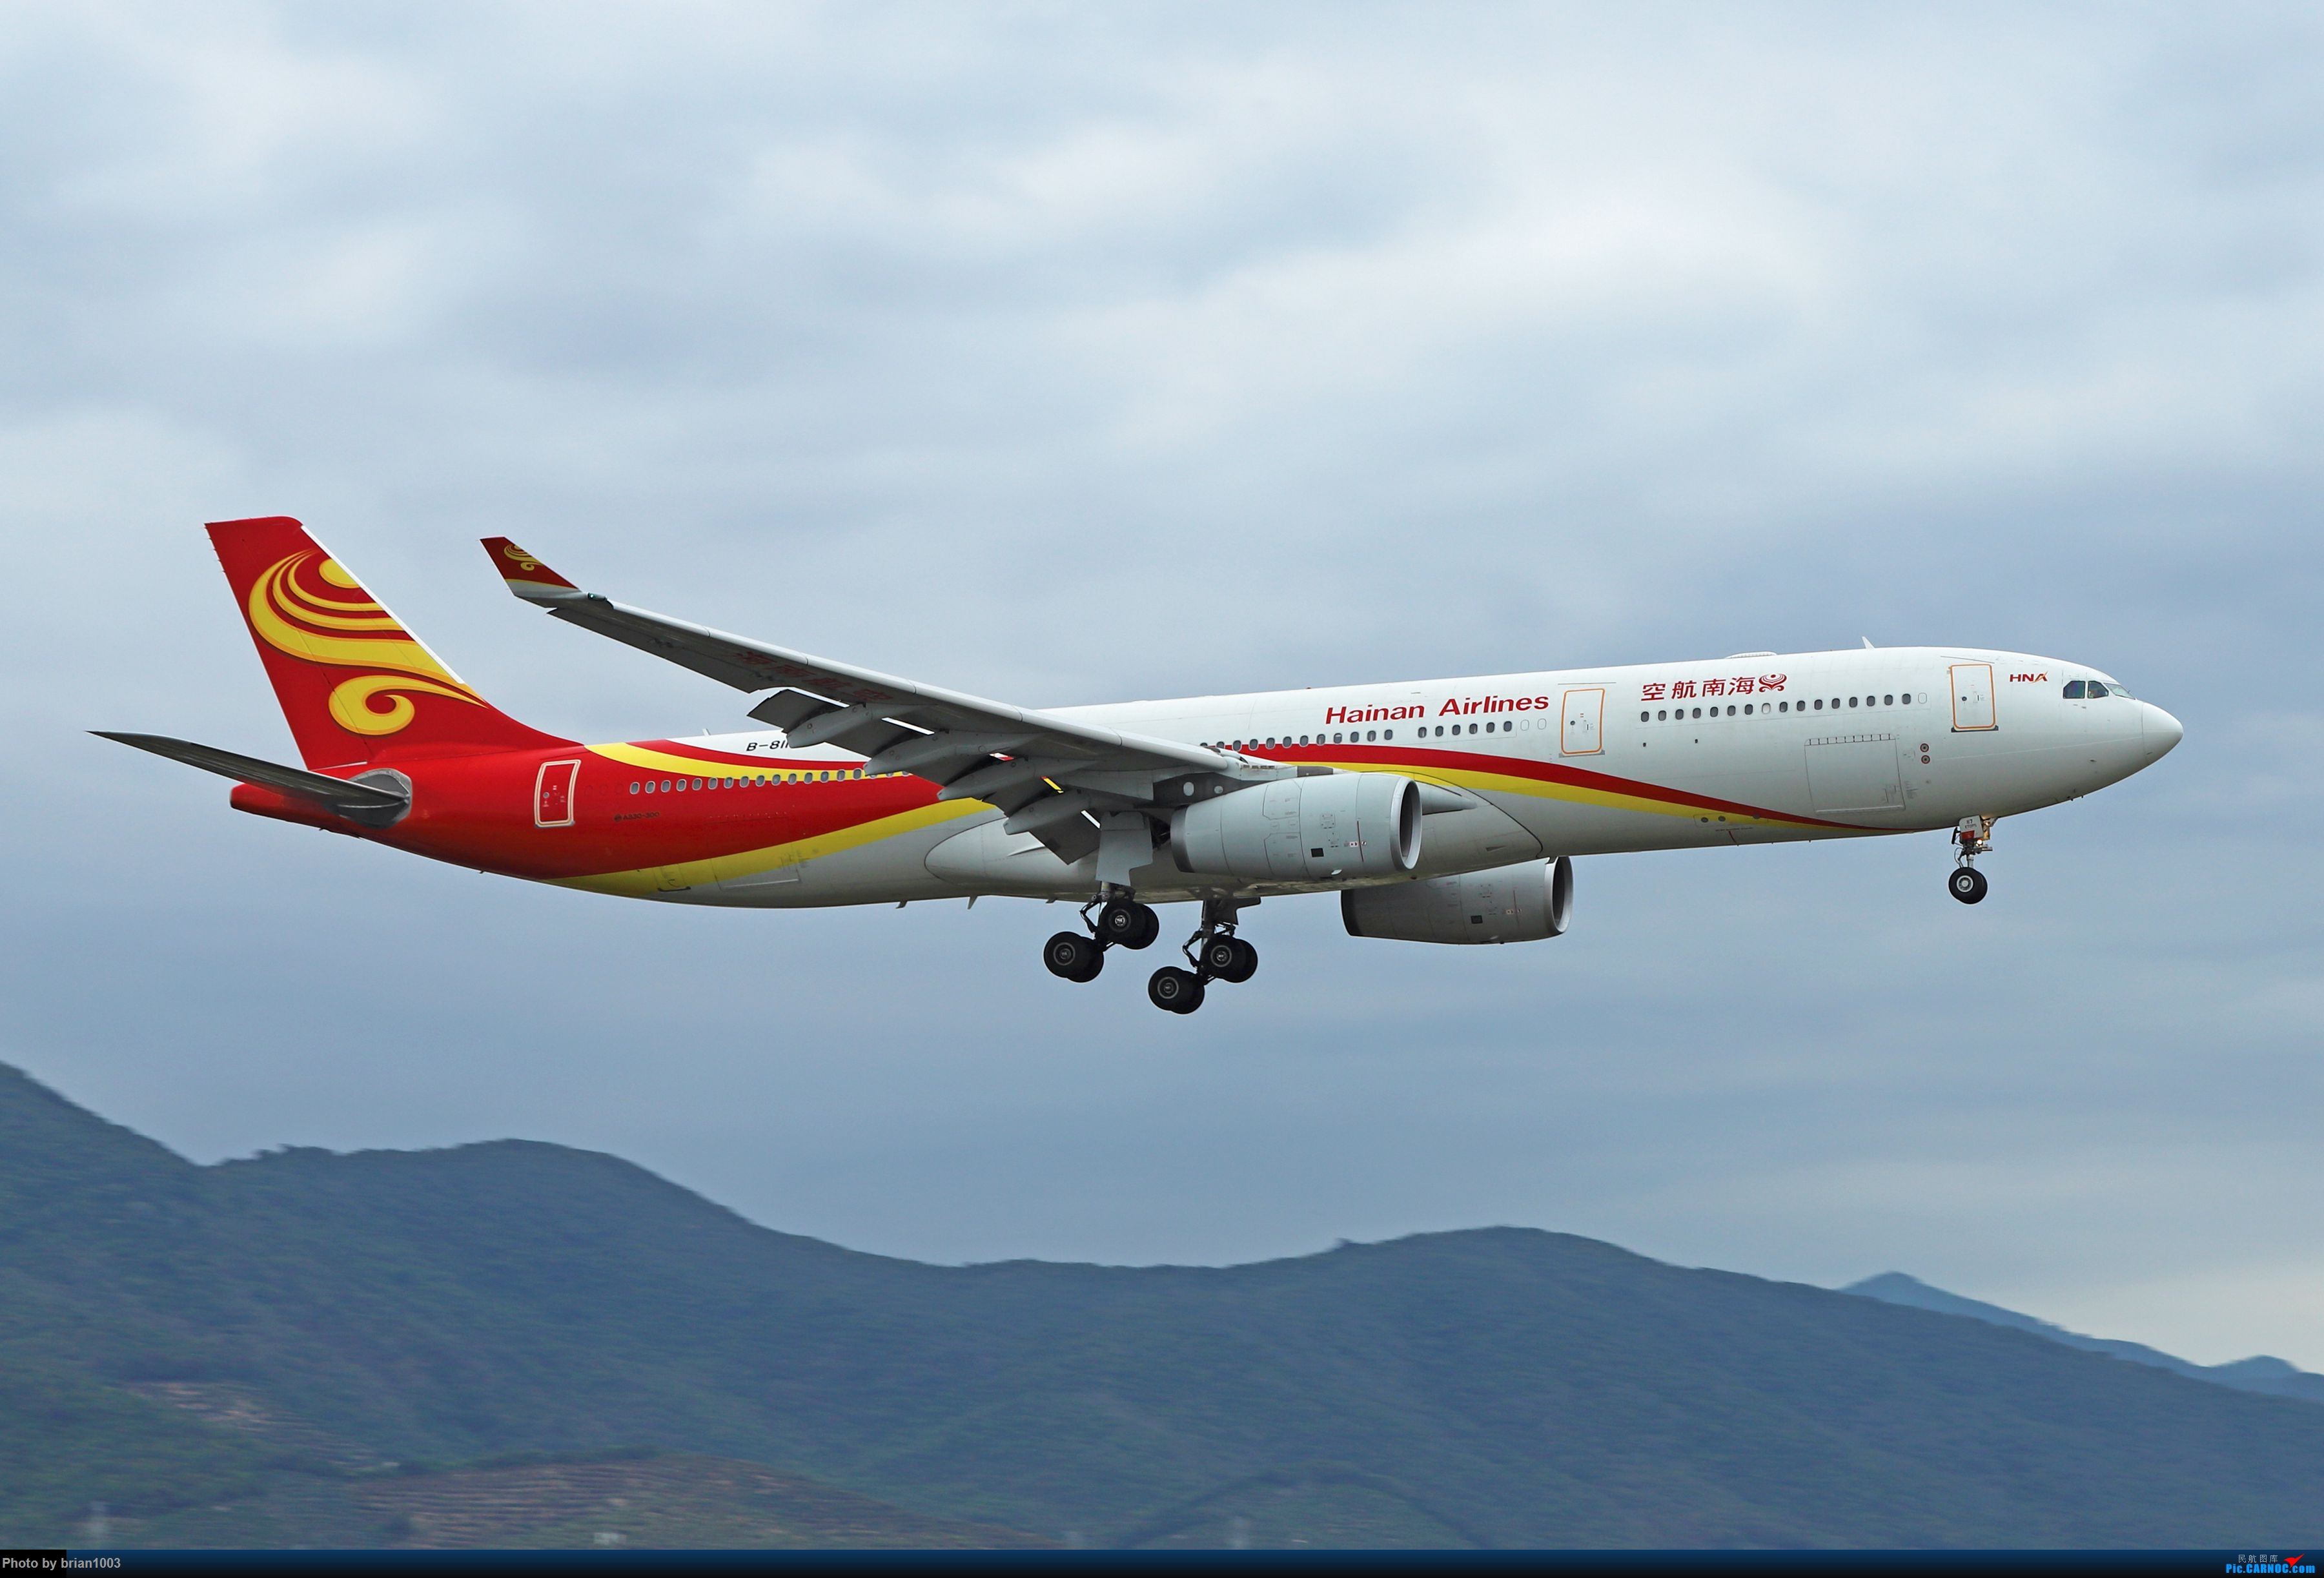 Re:[原创]CZ3347-CZ6734-HU7659,忙里偷闲的三亚拍机之行 AIRBUS A330-300 B-8117 中国三亚凤凰国际机场